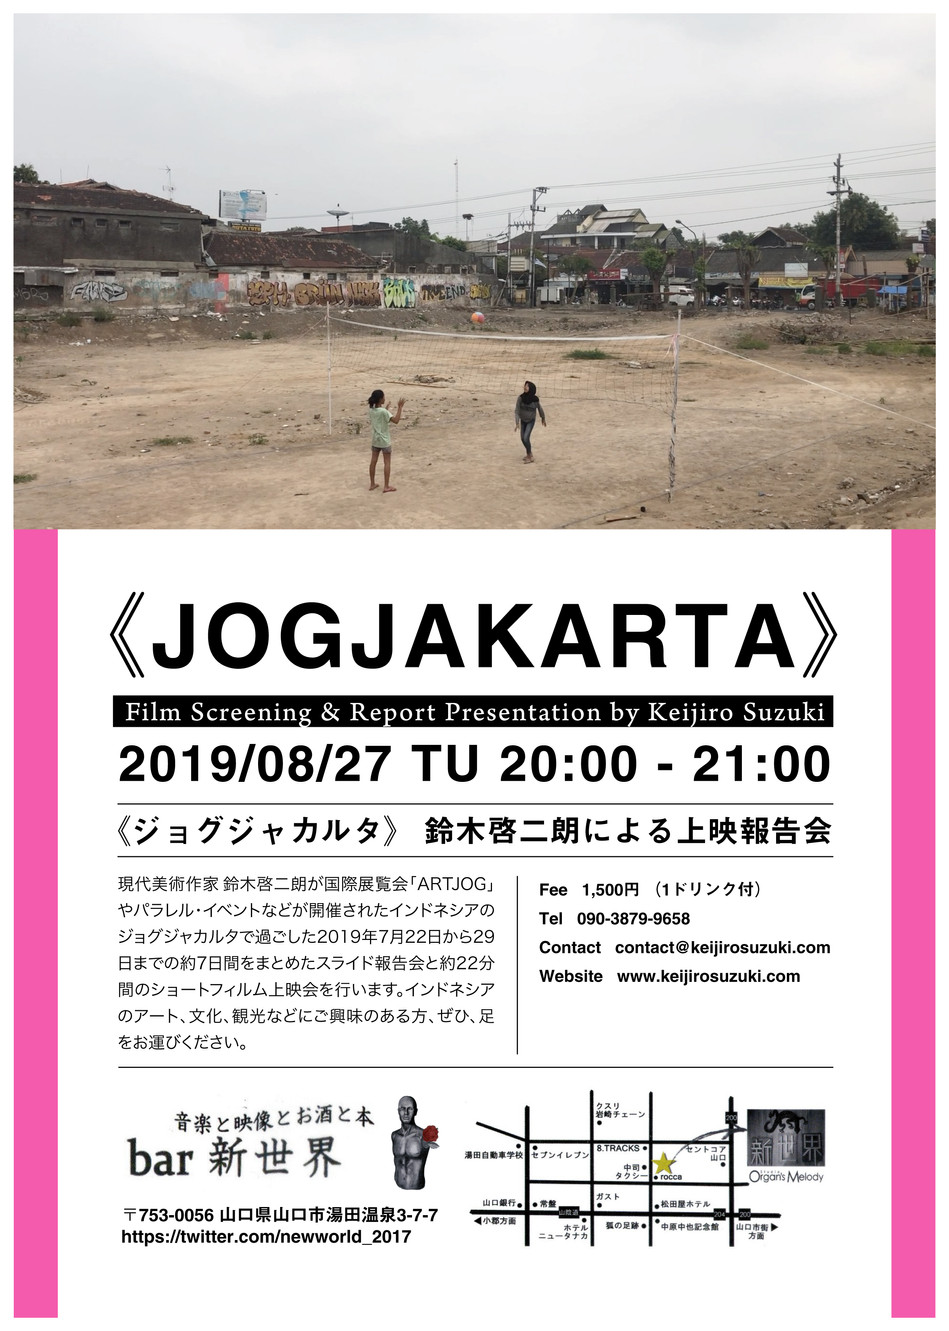 JOGJAKARTA_FLIER-02.jpg